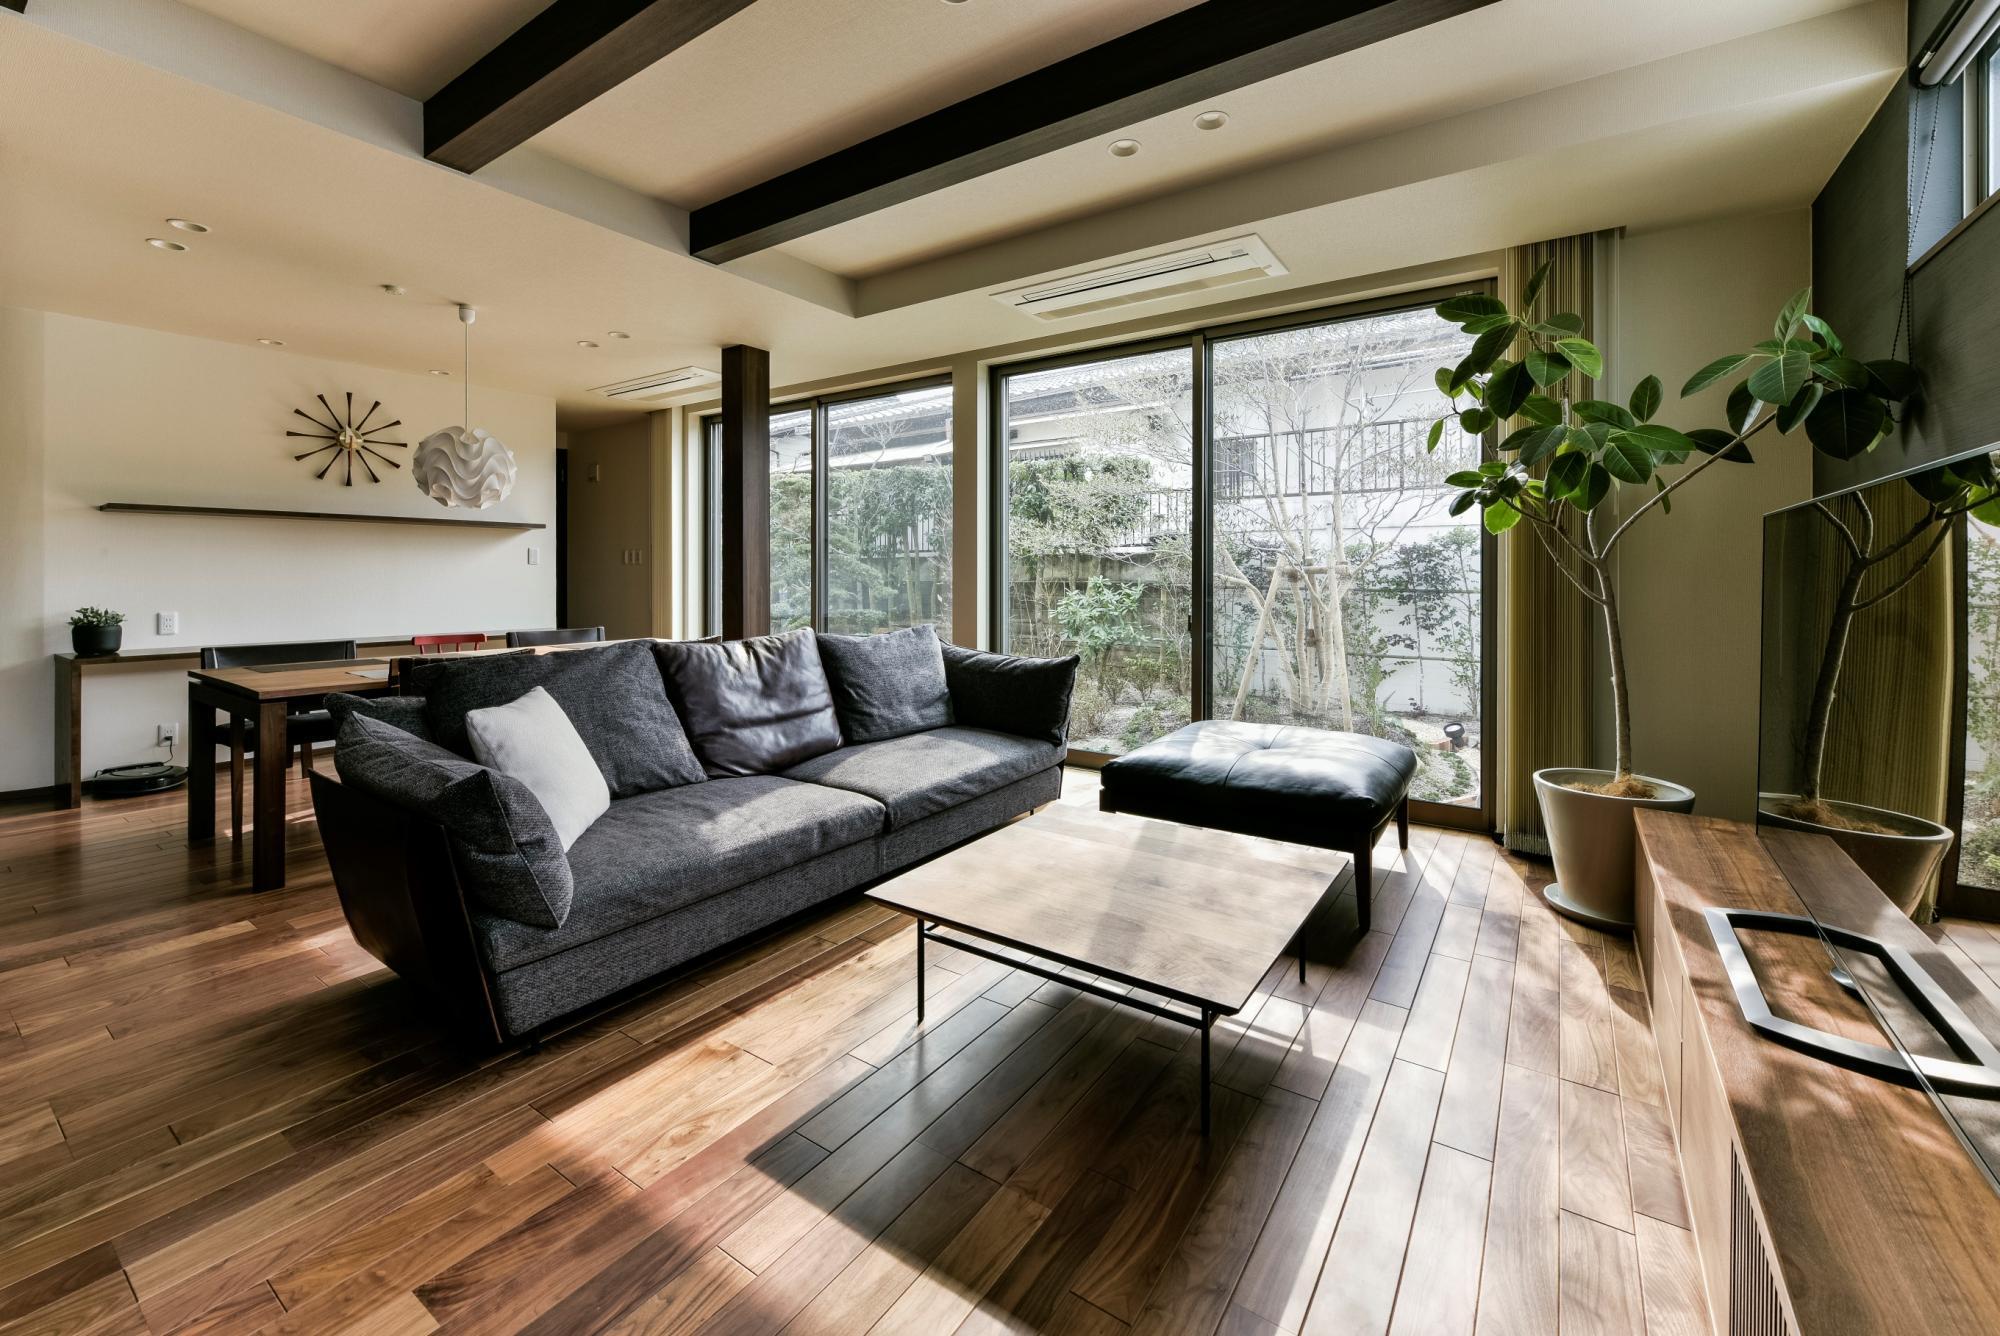 増築した部分に設けた広々としたLDは開口部を大きくとり、明るさを確保。ウォルナットのフロアには床暖房を設置し、質の高い空間にするために家具はひとつひとつ当社でセレクトした。